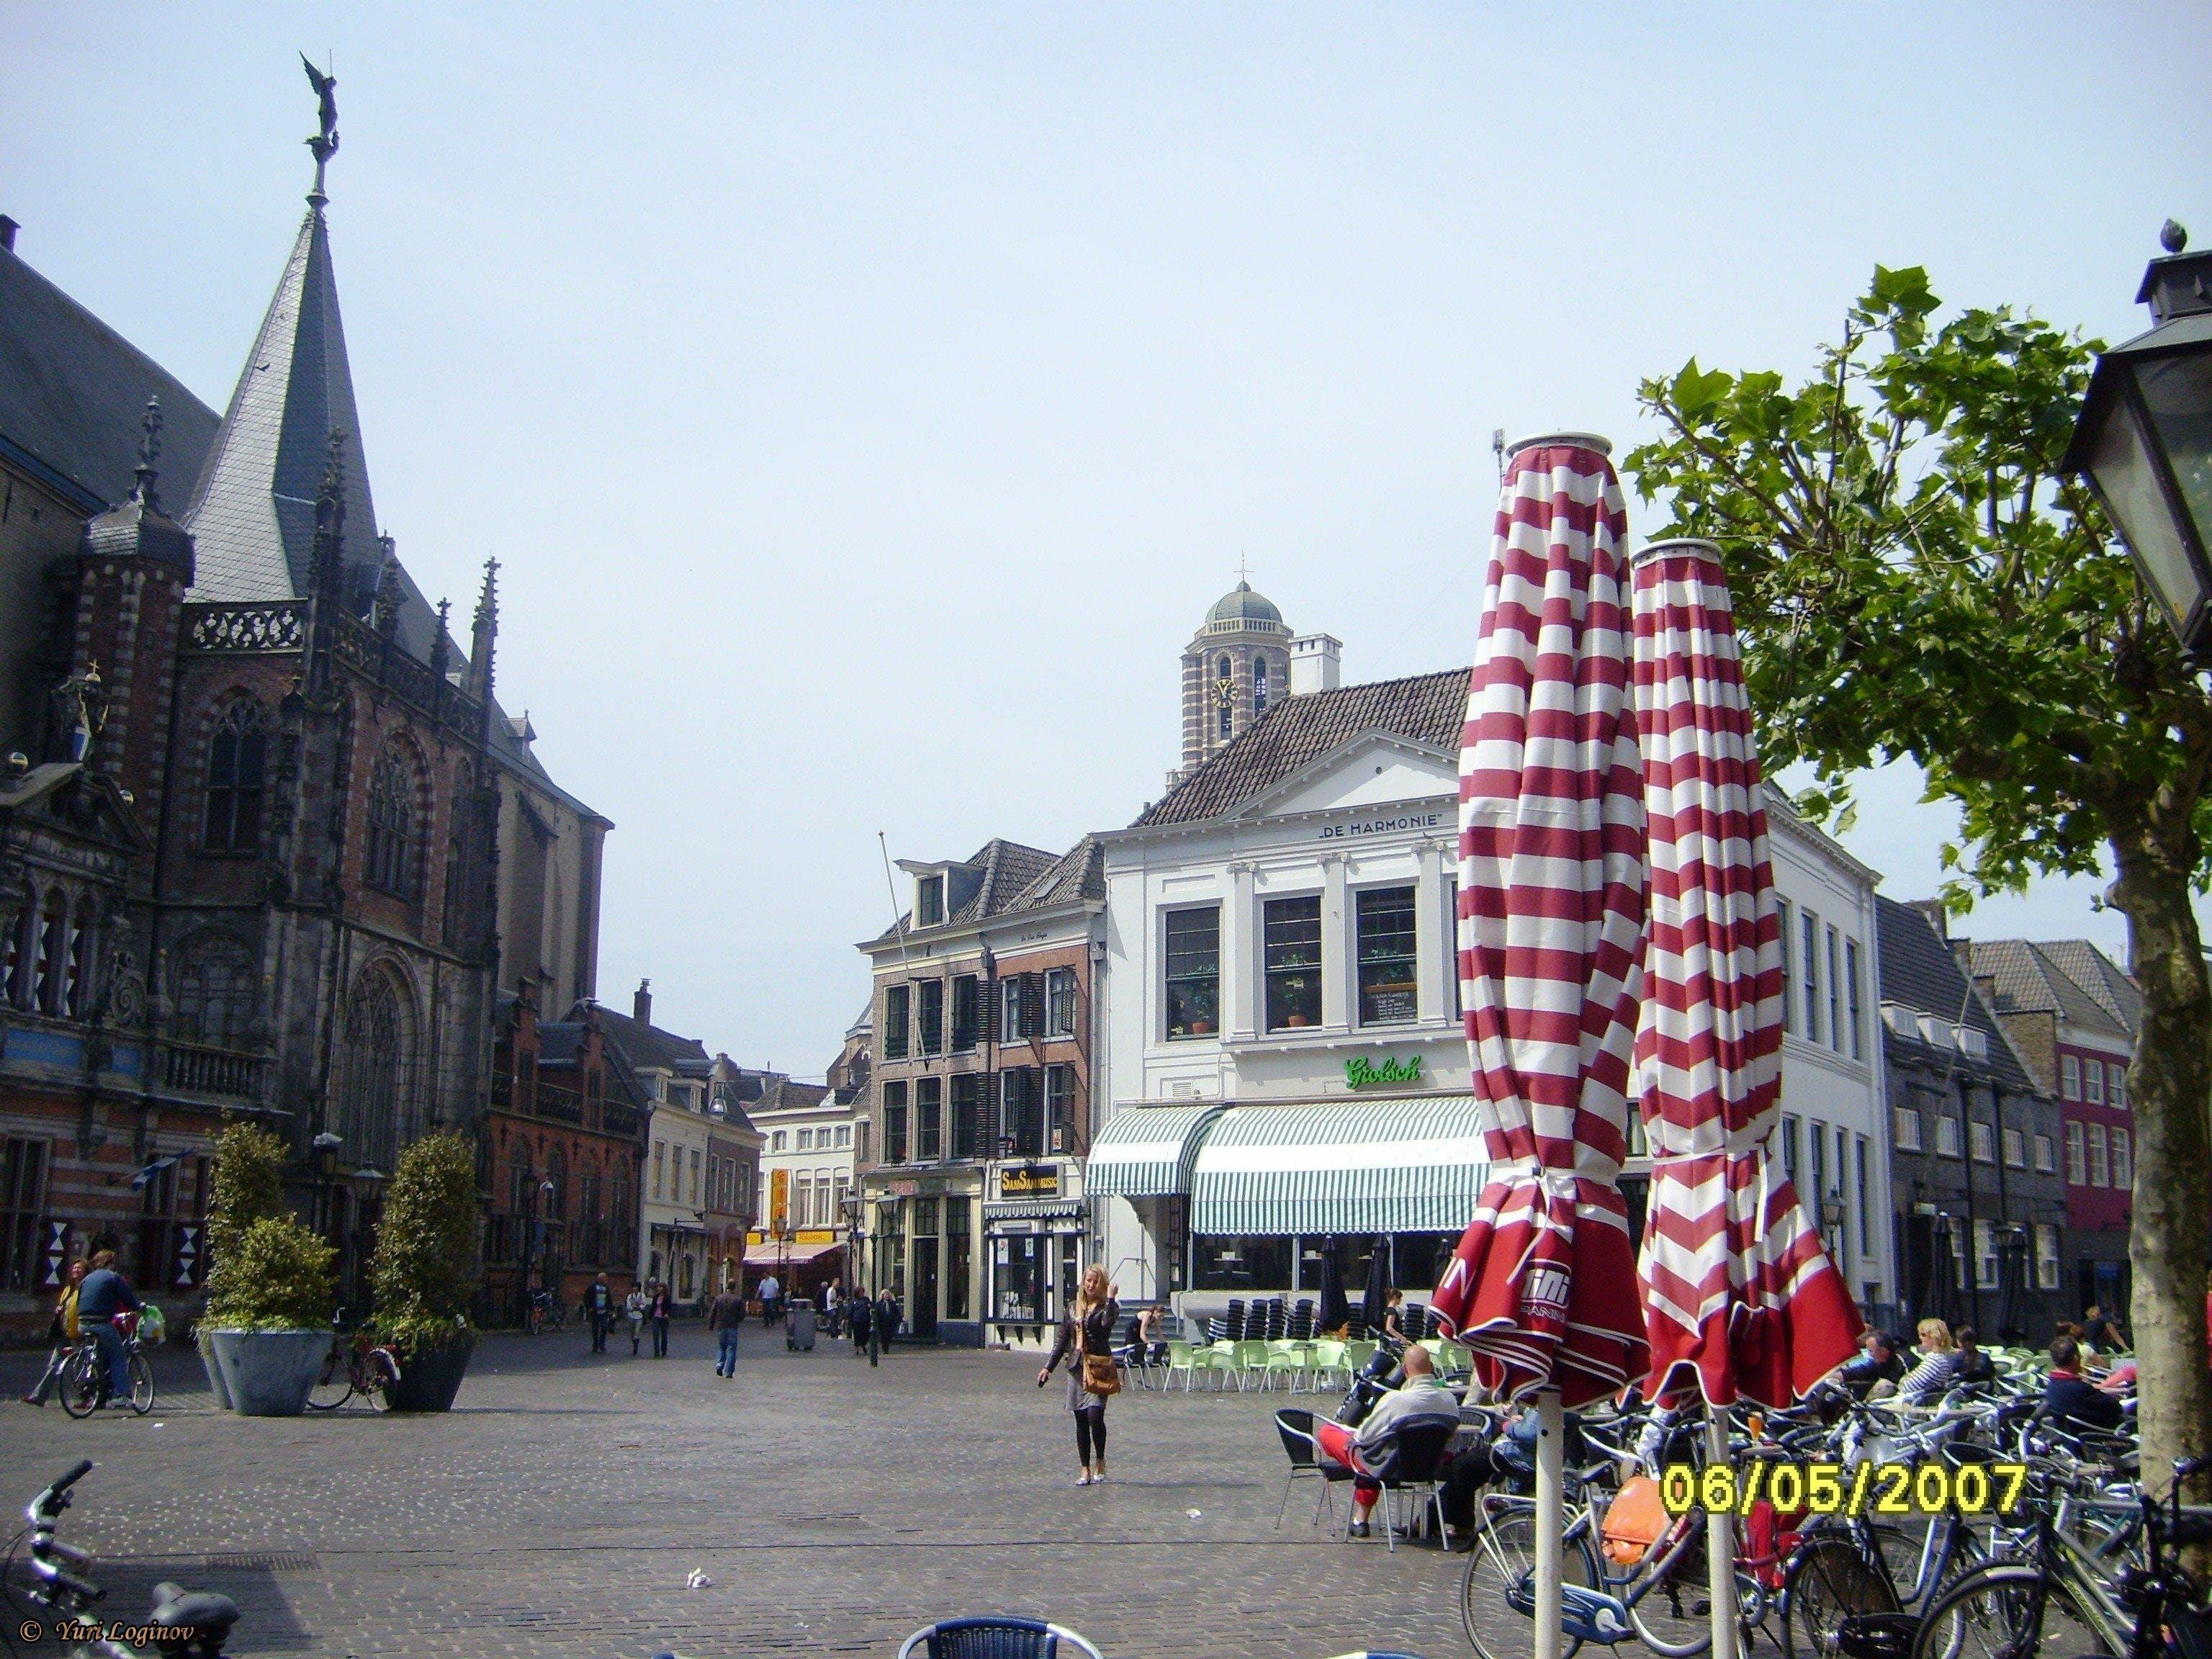 grote markt, Nederland, netherlands